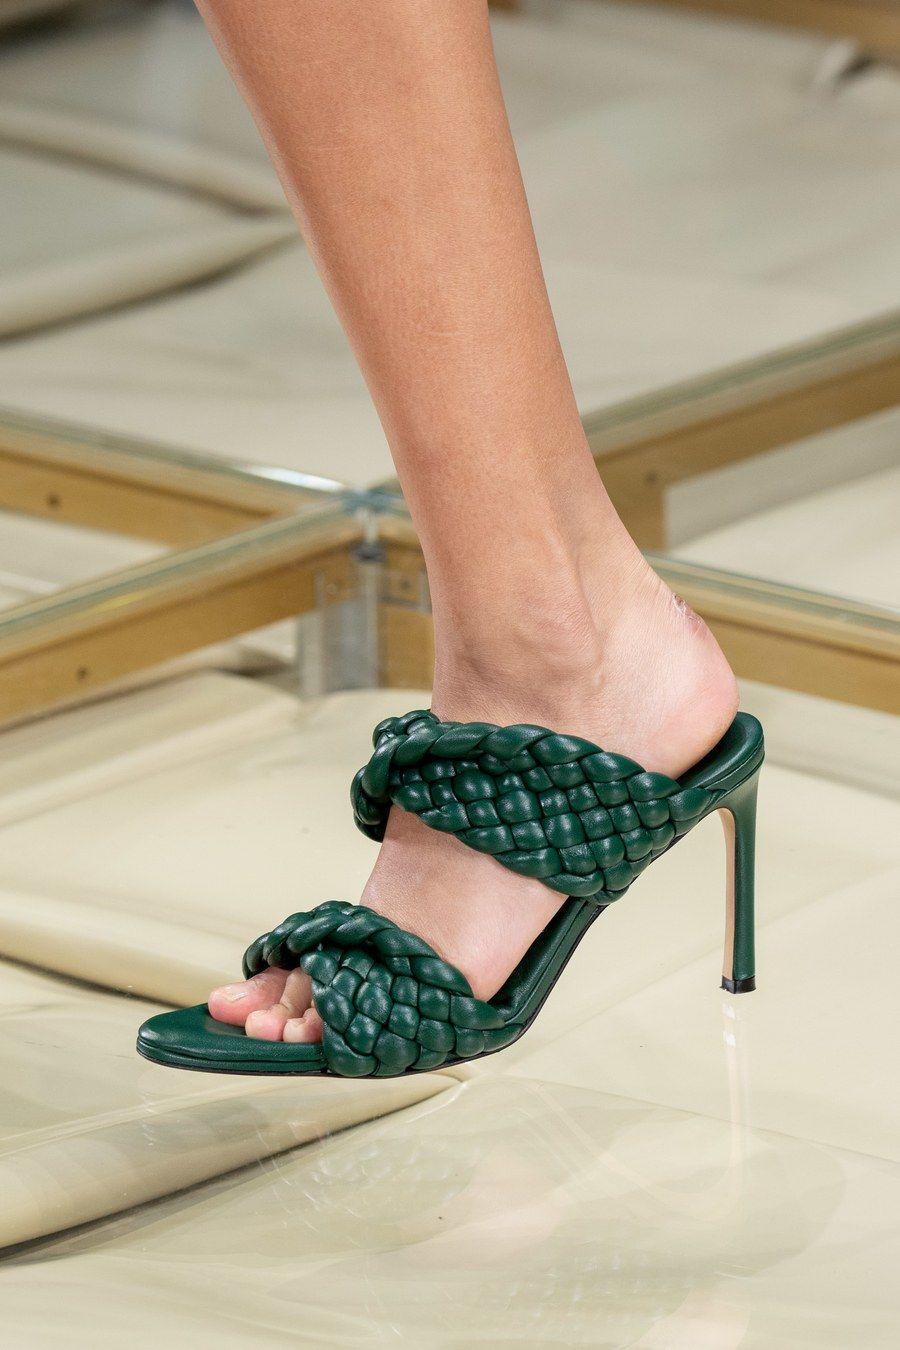 Bottega Veneta Spring 2020 Ready-to-Wear Fashion Show ...